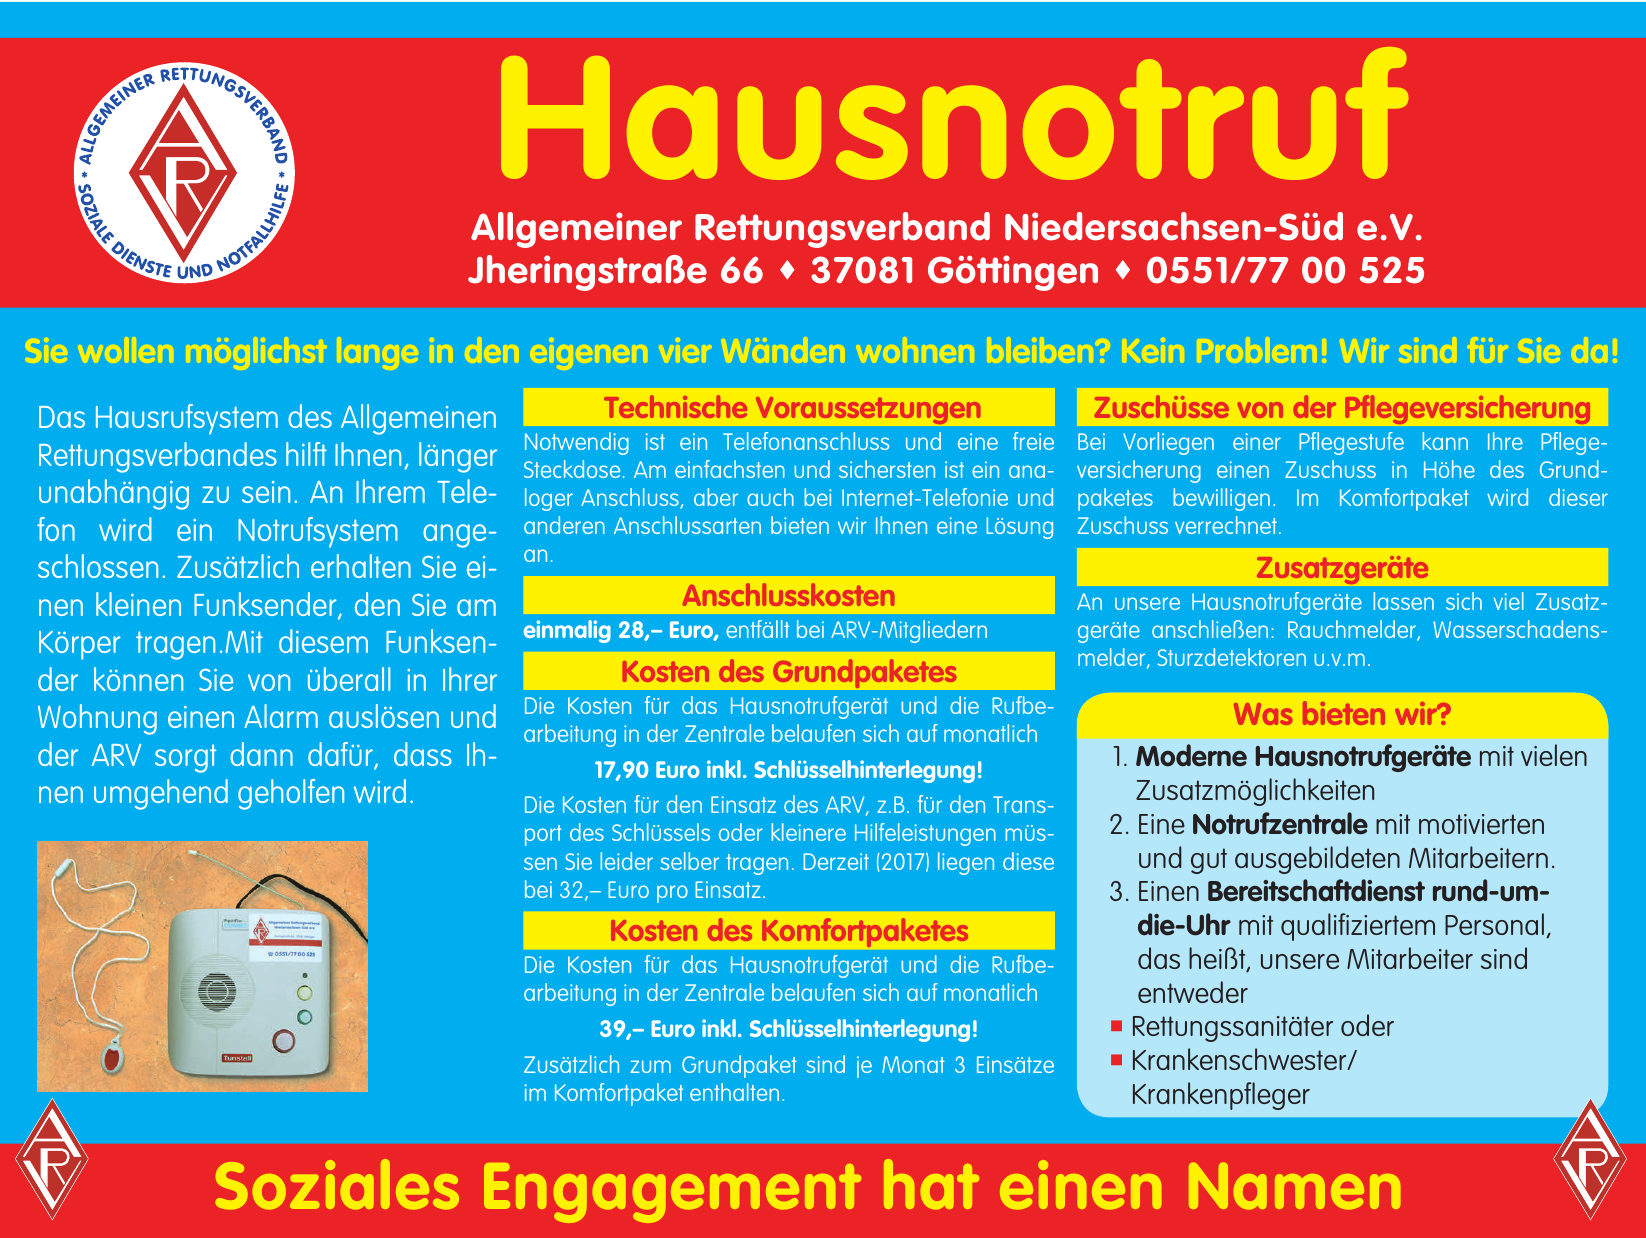 Allgemeiner Rettungsverband Niedersachsen-Süd e.V.